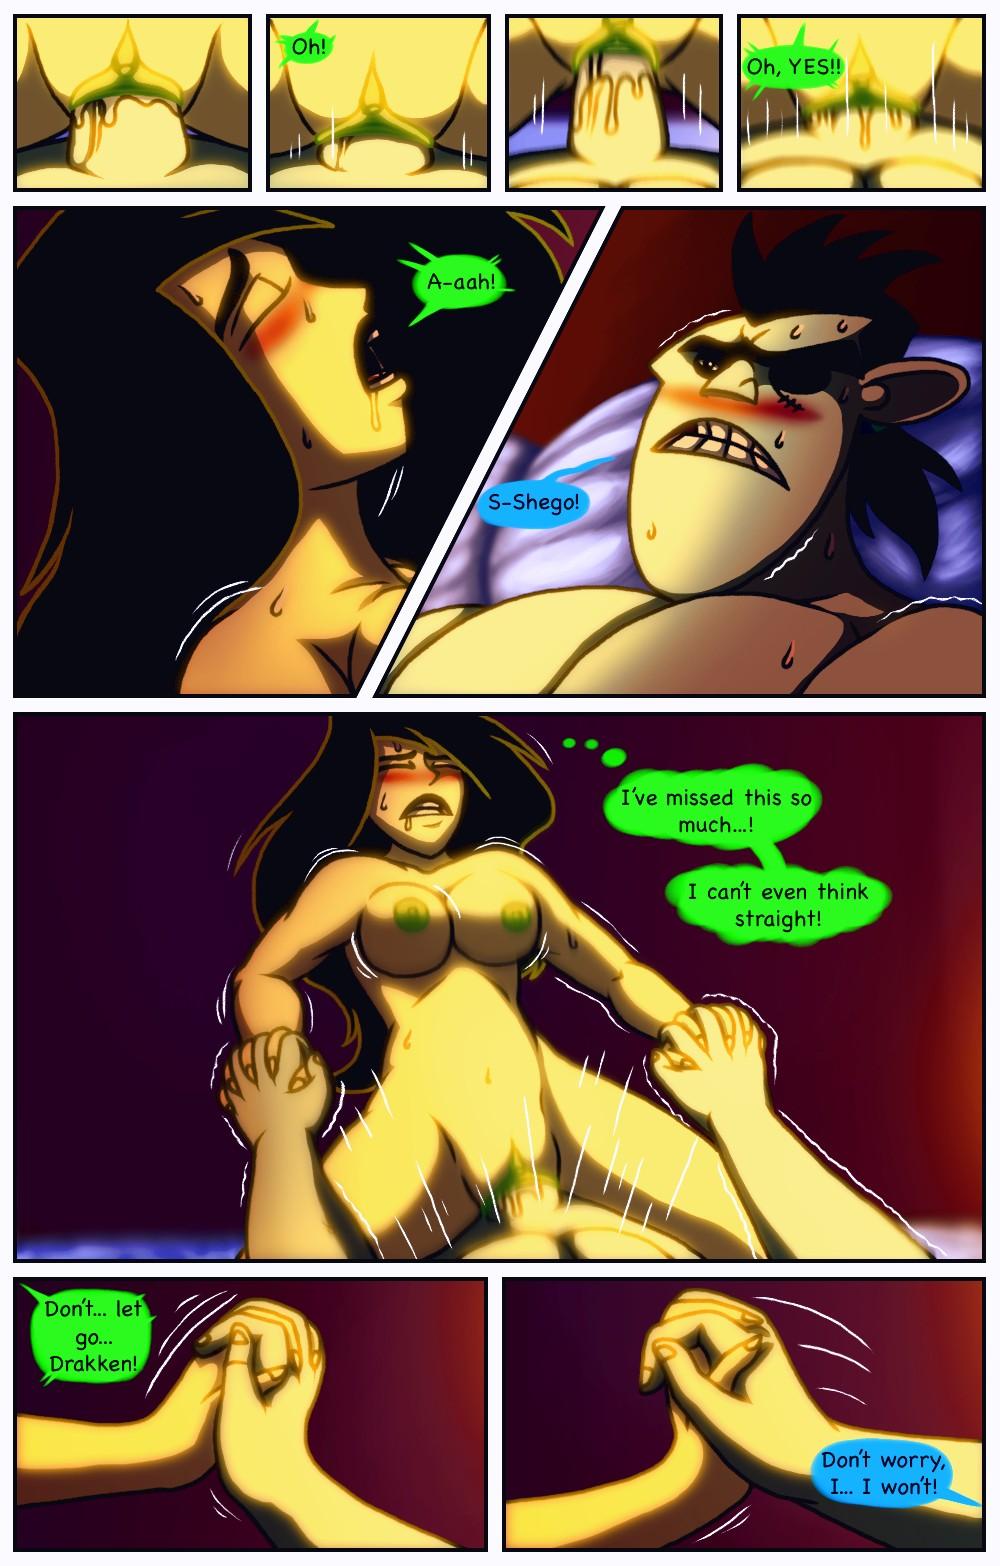 A Dangerous Date 2 porn comic page 023